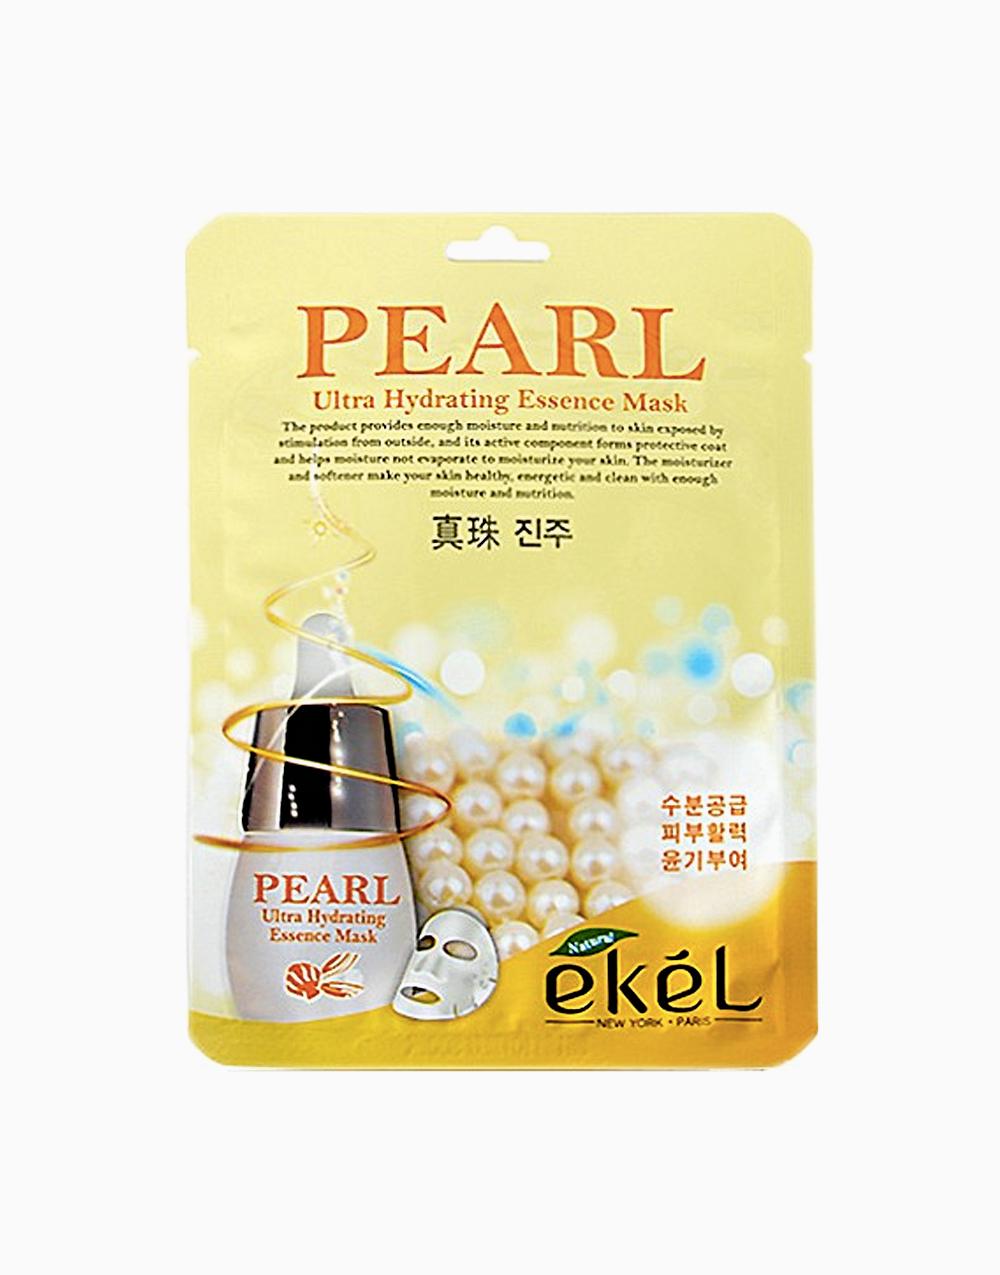 Pearl Mask by Ekel